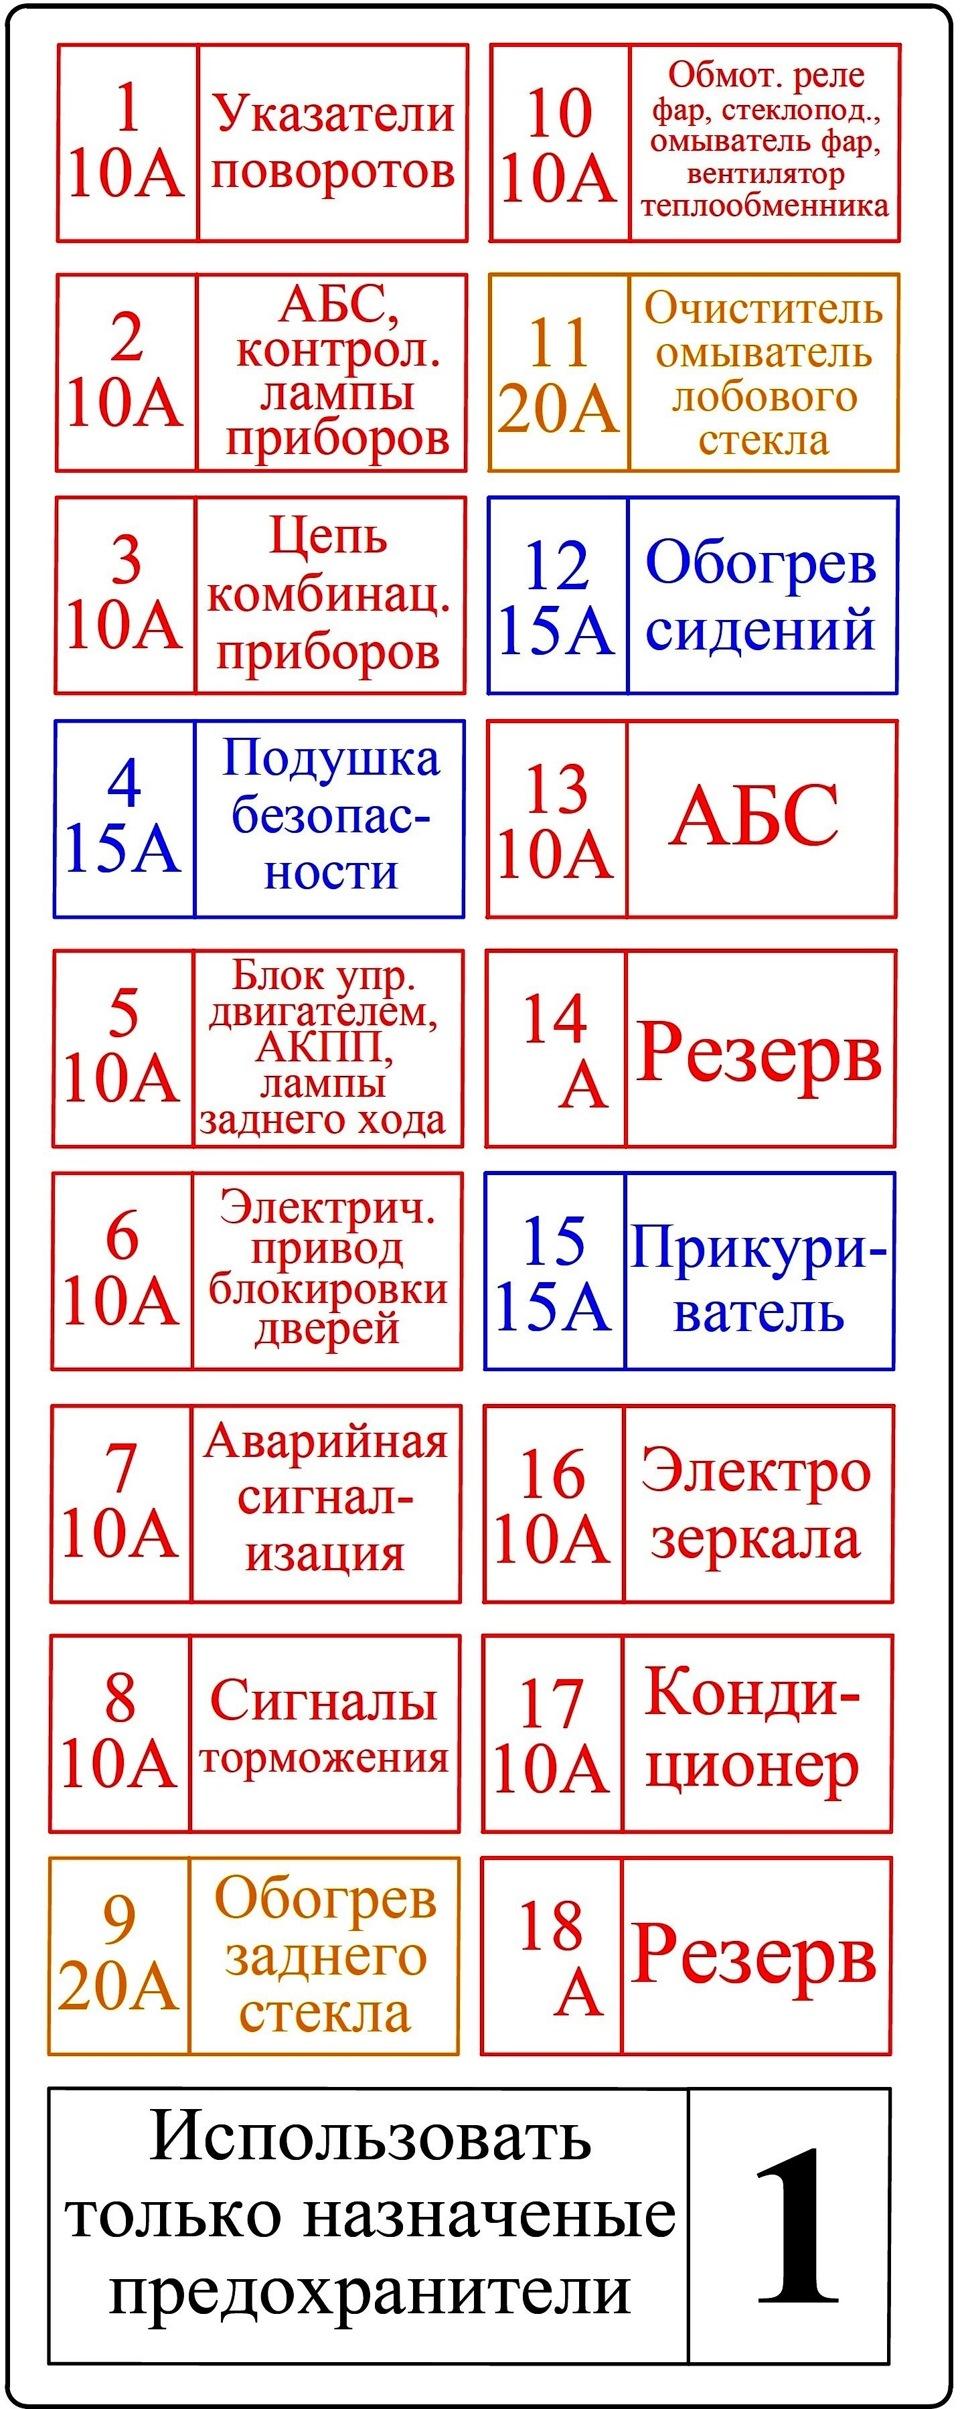 Схема предохранителей на актион на русском языке